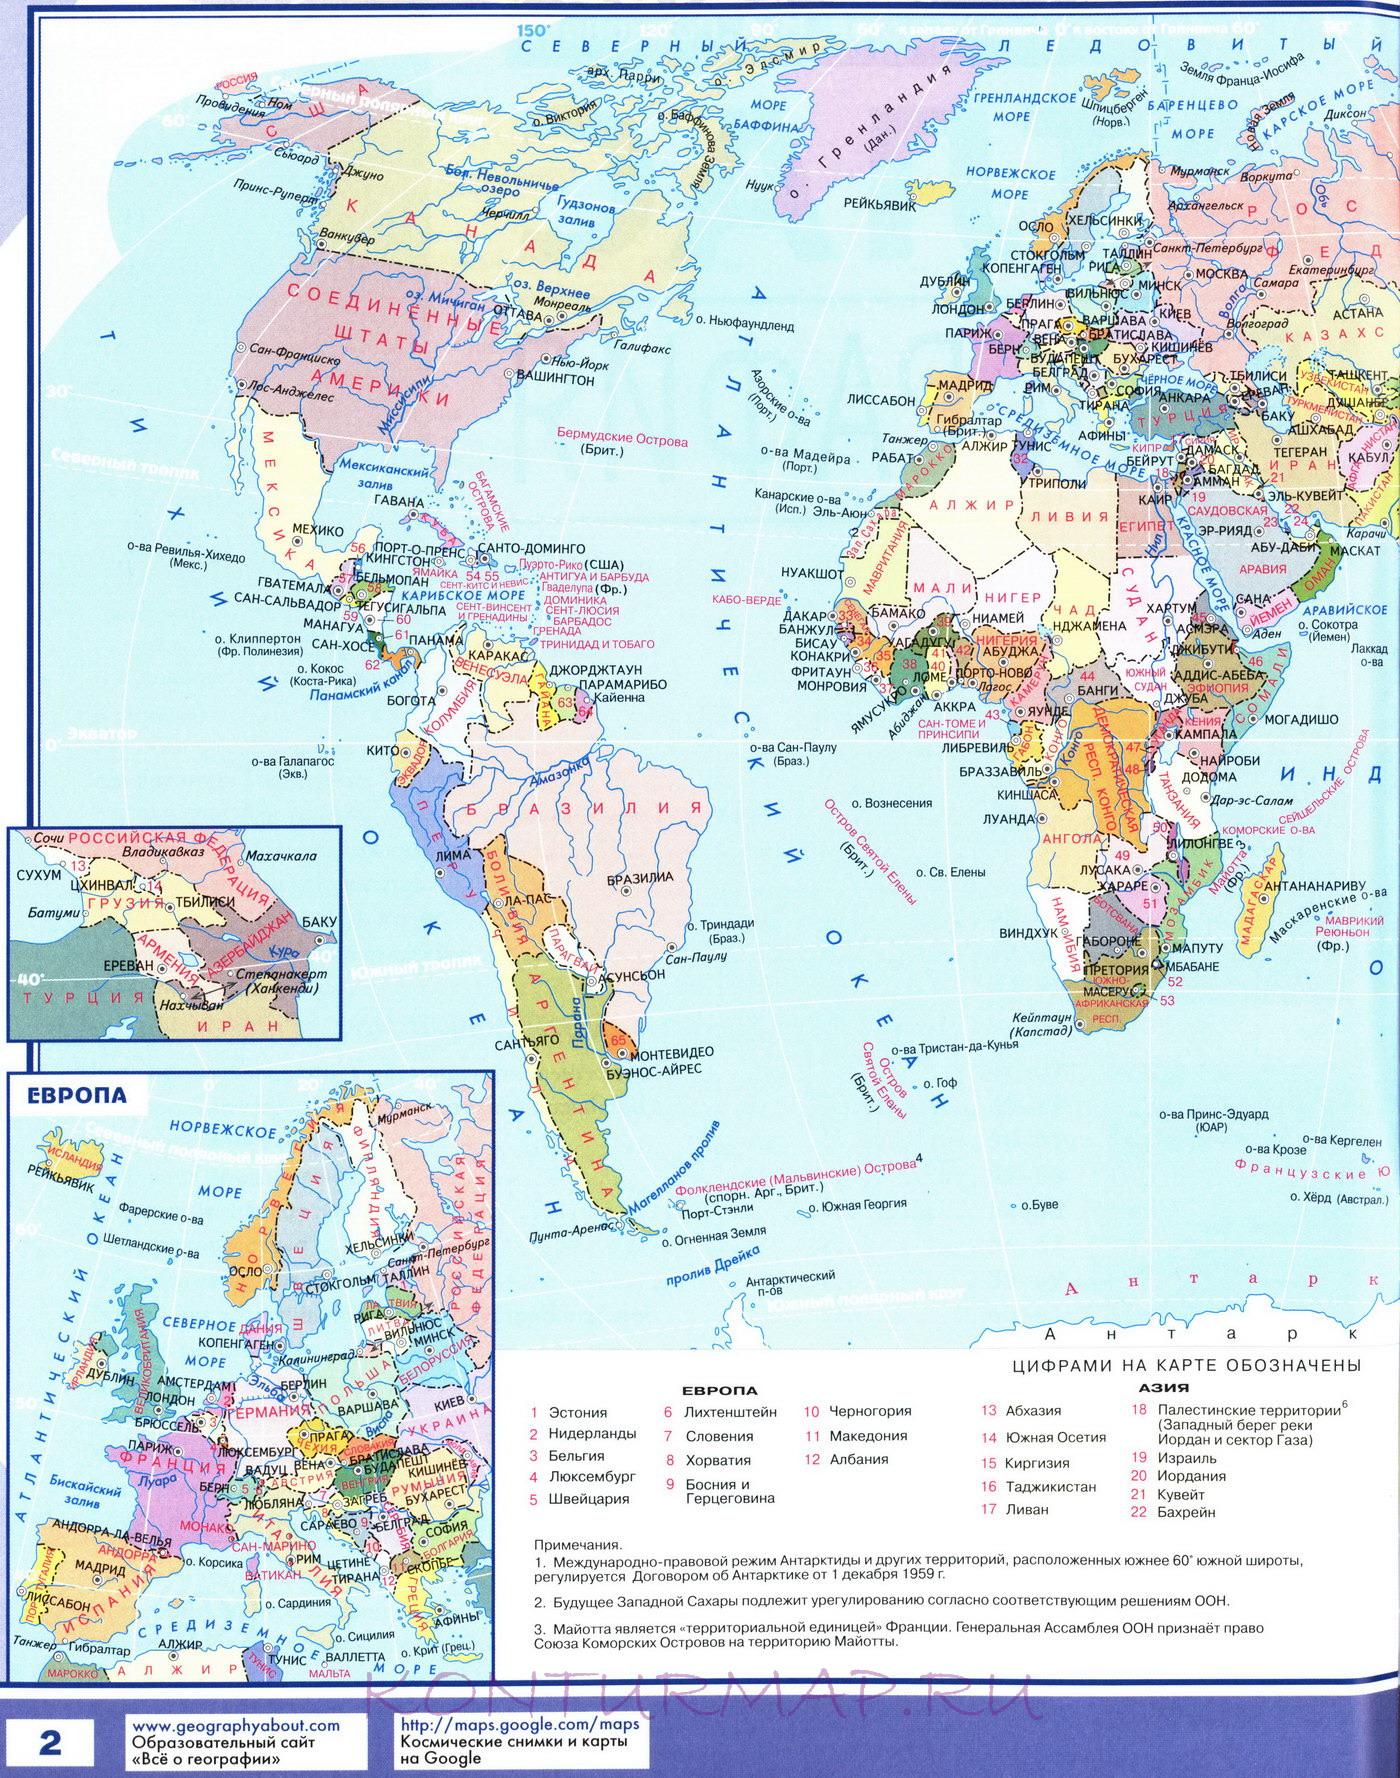 10 класс атлас по географии скачать бесплатно